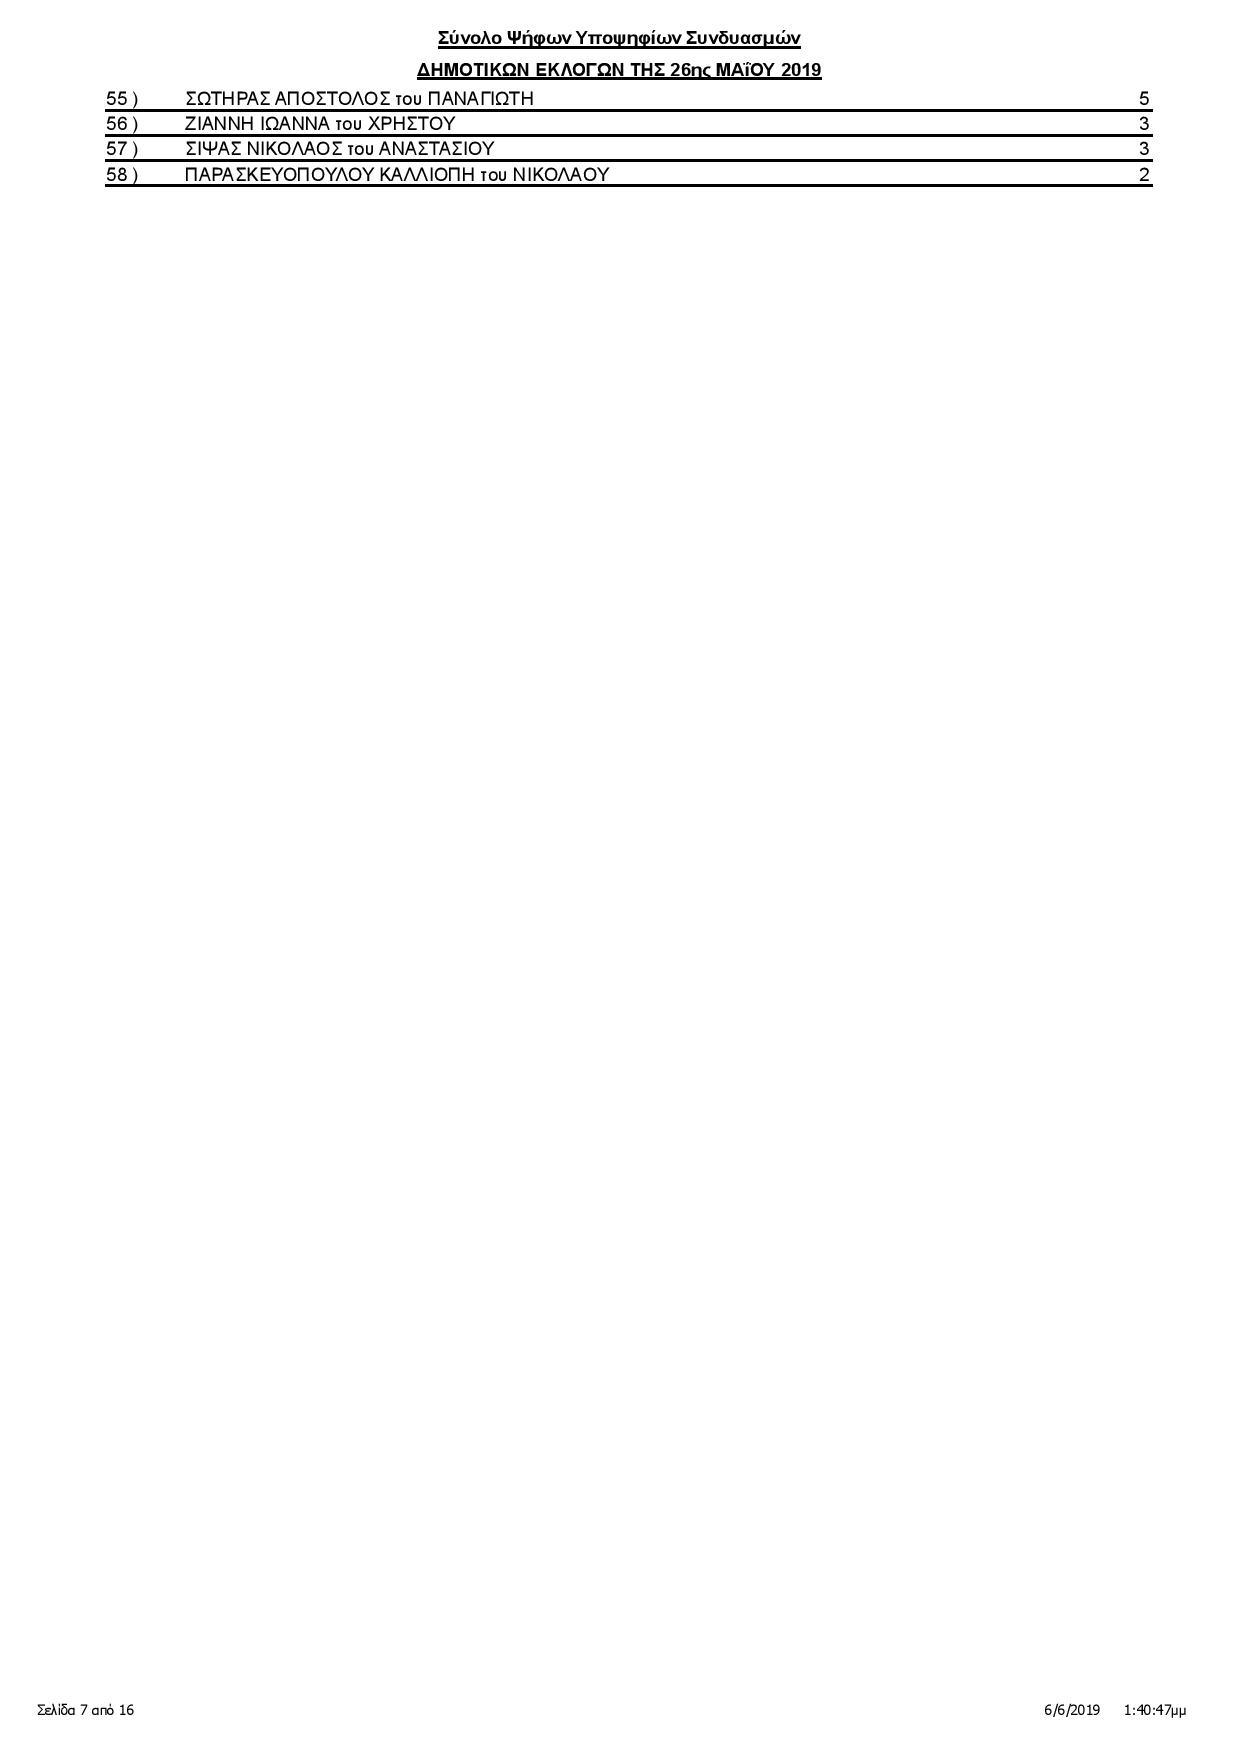 Καλαμάτα: Οι σταυροί των υποψηφίων δημοτικών συμβούλων (αναλυτικά) 8